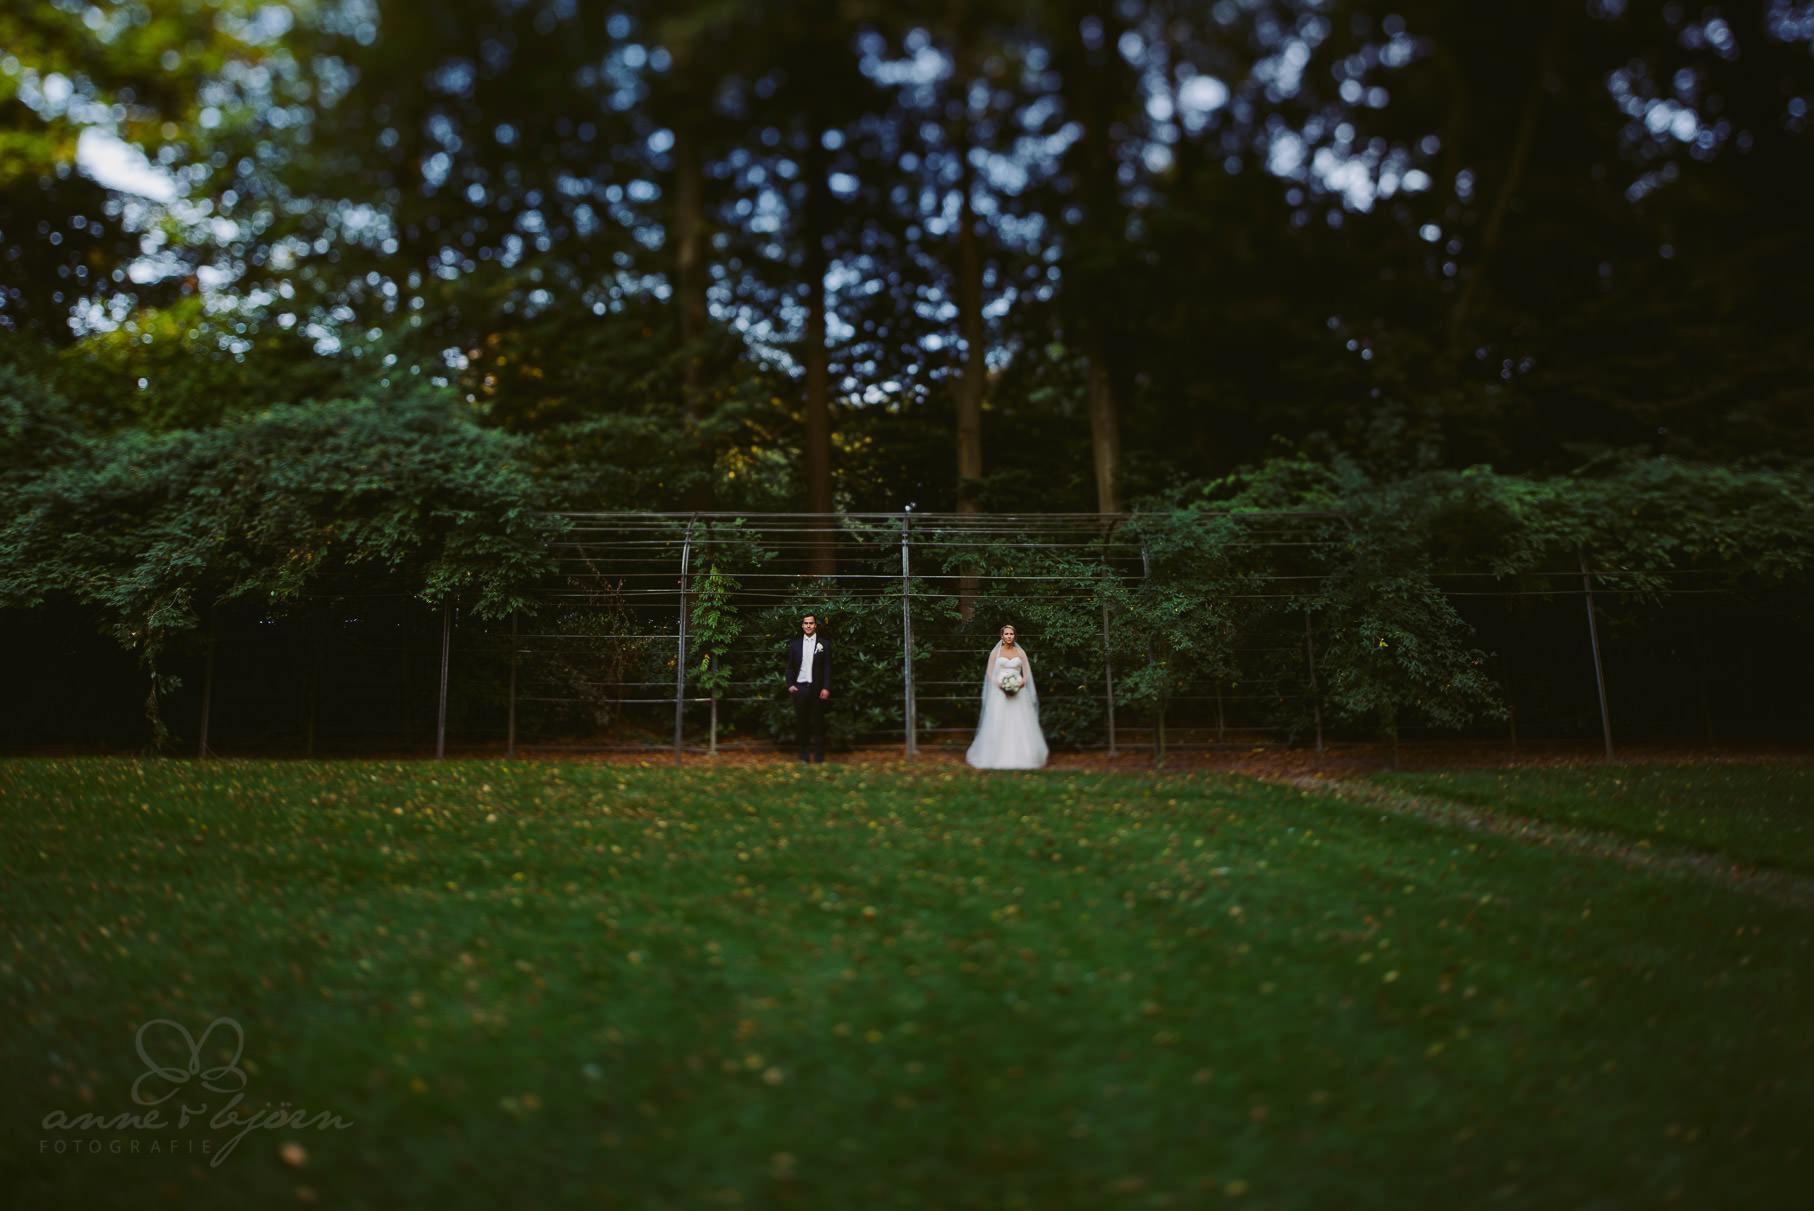 0045 euo 812 1275 - Hochzeit im Schloss Reinbek - Elvira & Olaf